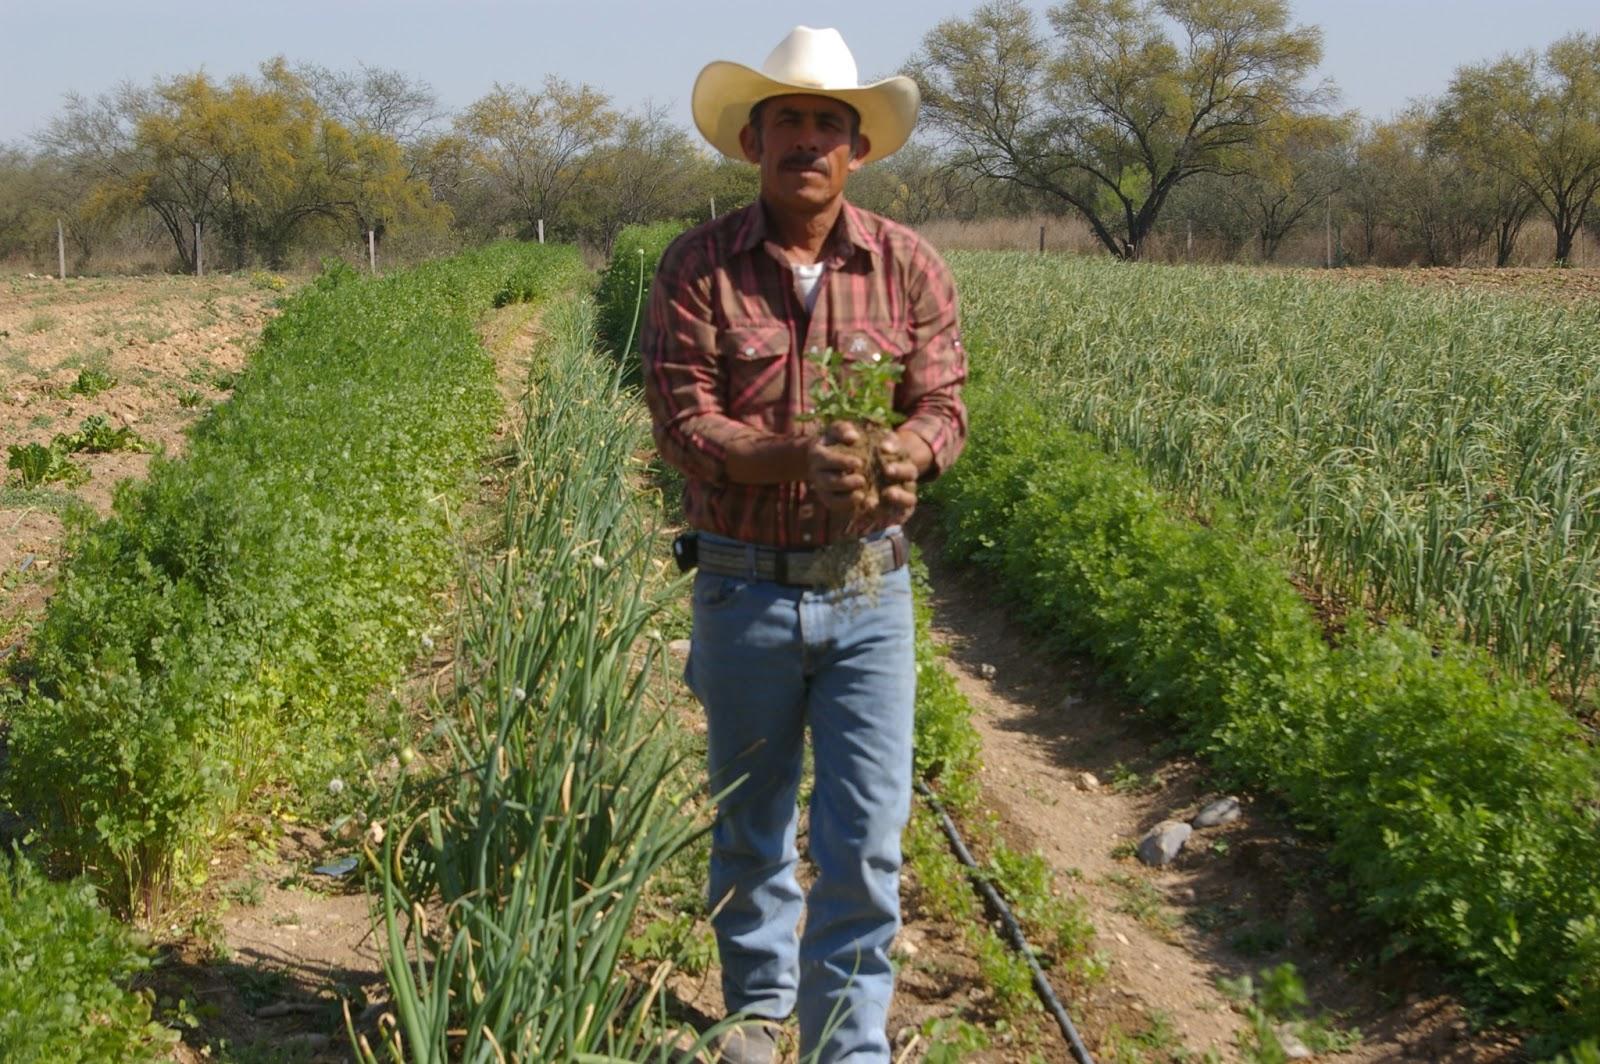 Resultados - Desde el 2015, hemos brindando a 16,500 productores y técnicos en México y Colombia, información accionable para manejar riesgos de clima, plagas y mejorar la calidad de vida de las comunidades rurales . El 75% comparte la información recibida con otros 6 productores.